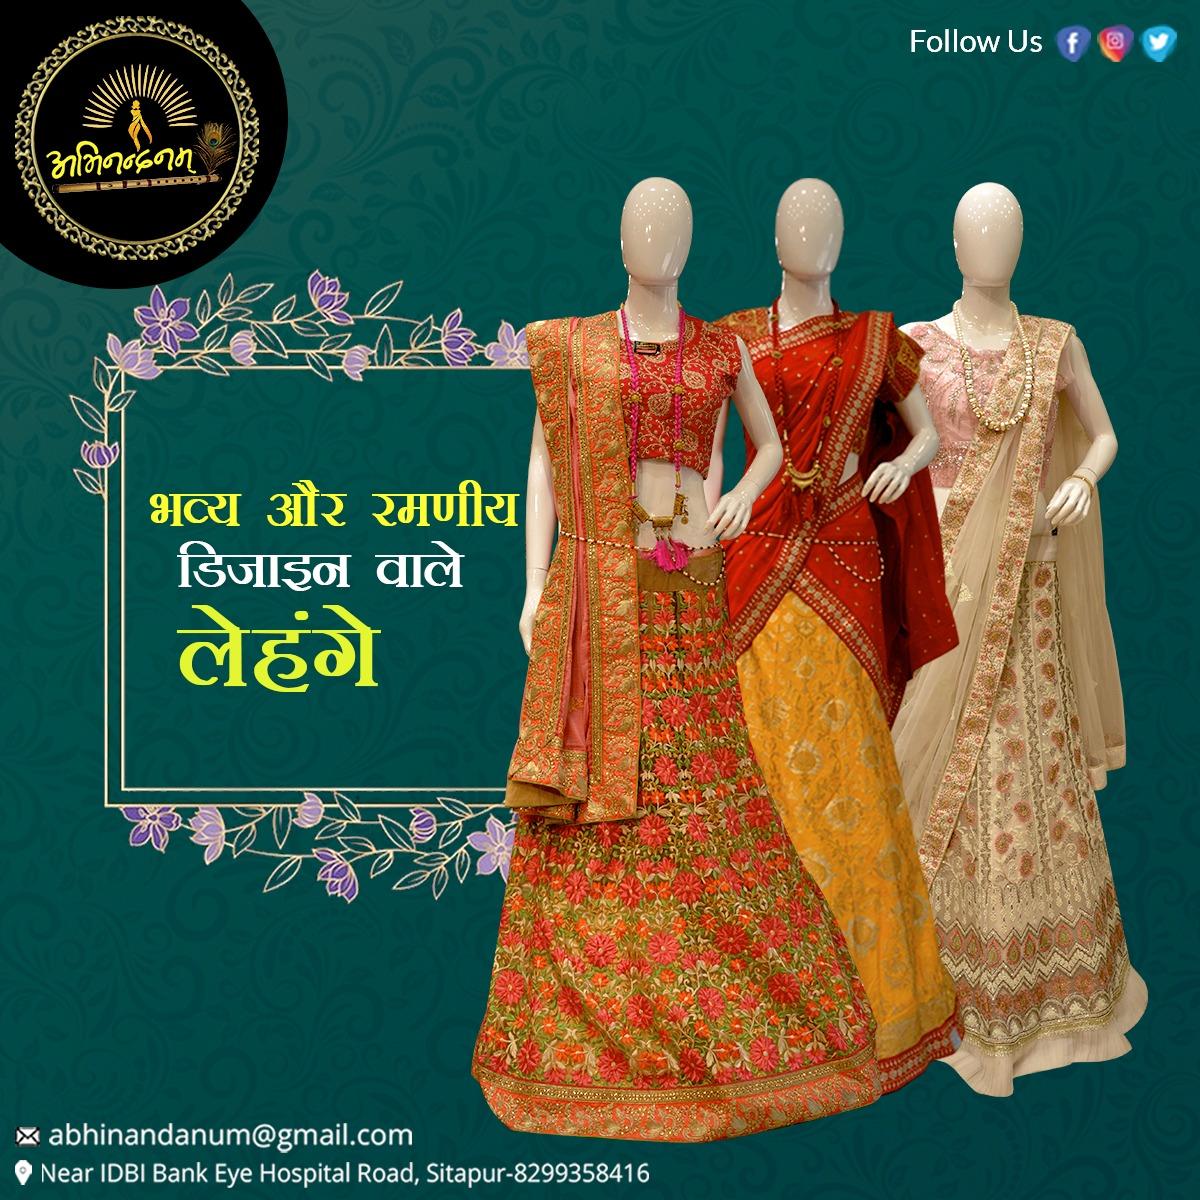 इस शादी सीजन, अभिनन्दनम आपके लिए लाया है लहंगों की ऐसी ख़ूबसूरत और आकर्षक रेंज जो आपके उत्सव को बनाये और भी ख़ास। Abhinandanum Sitapur Contact us: +91 8299358416 #AbhinandanumSitapur #Sitapur  #WeddingSeason #TrendyWear #TraditionalWear #LatestCollection #WeddingSeason #ContactUs